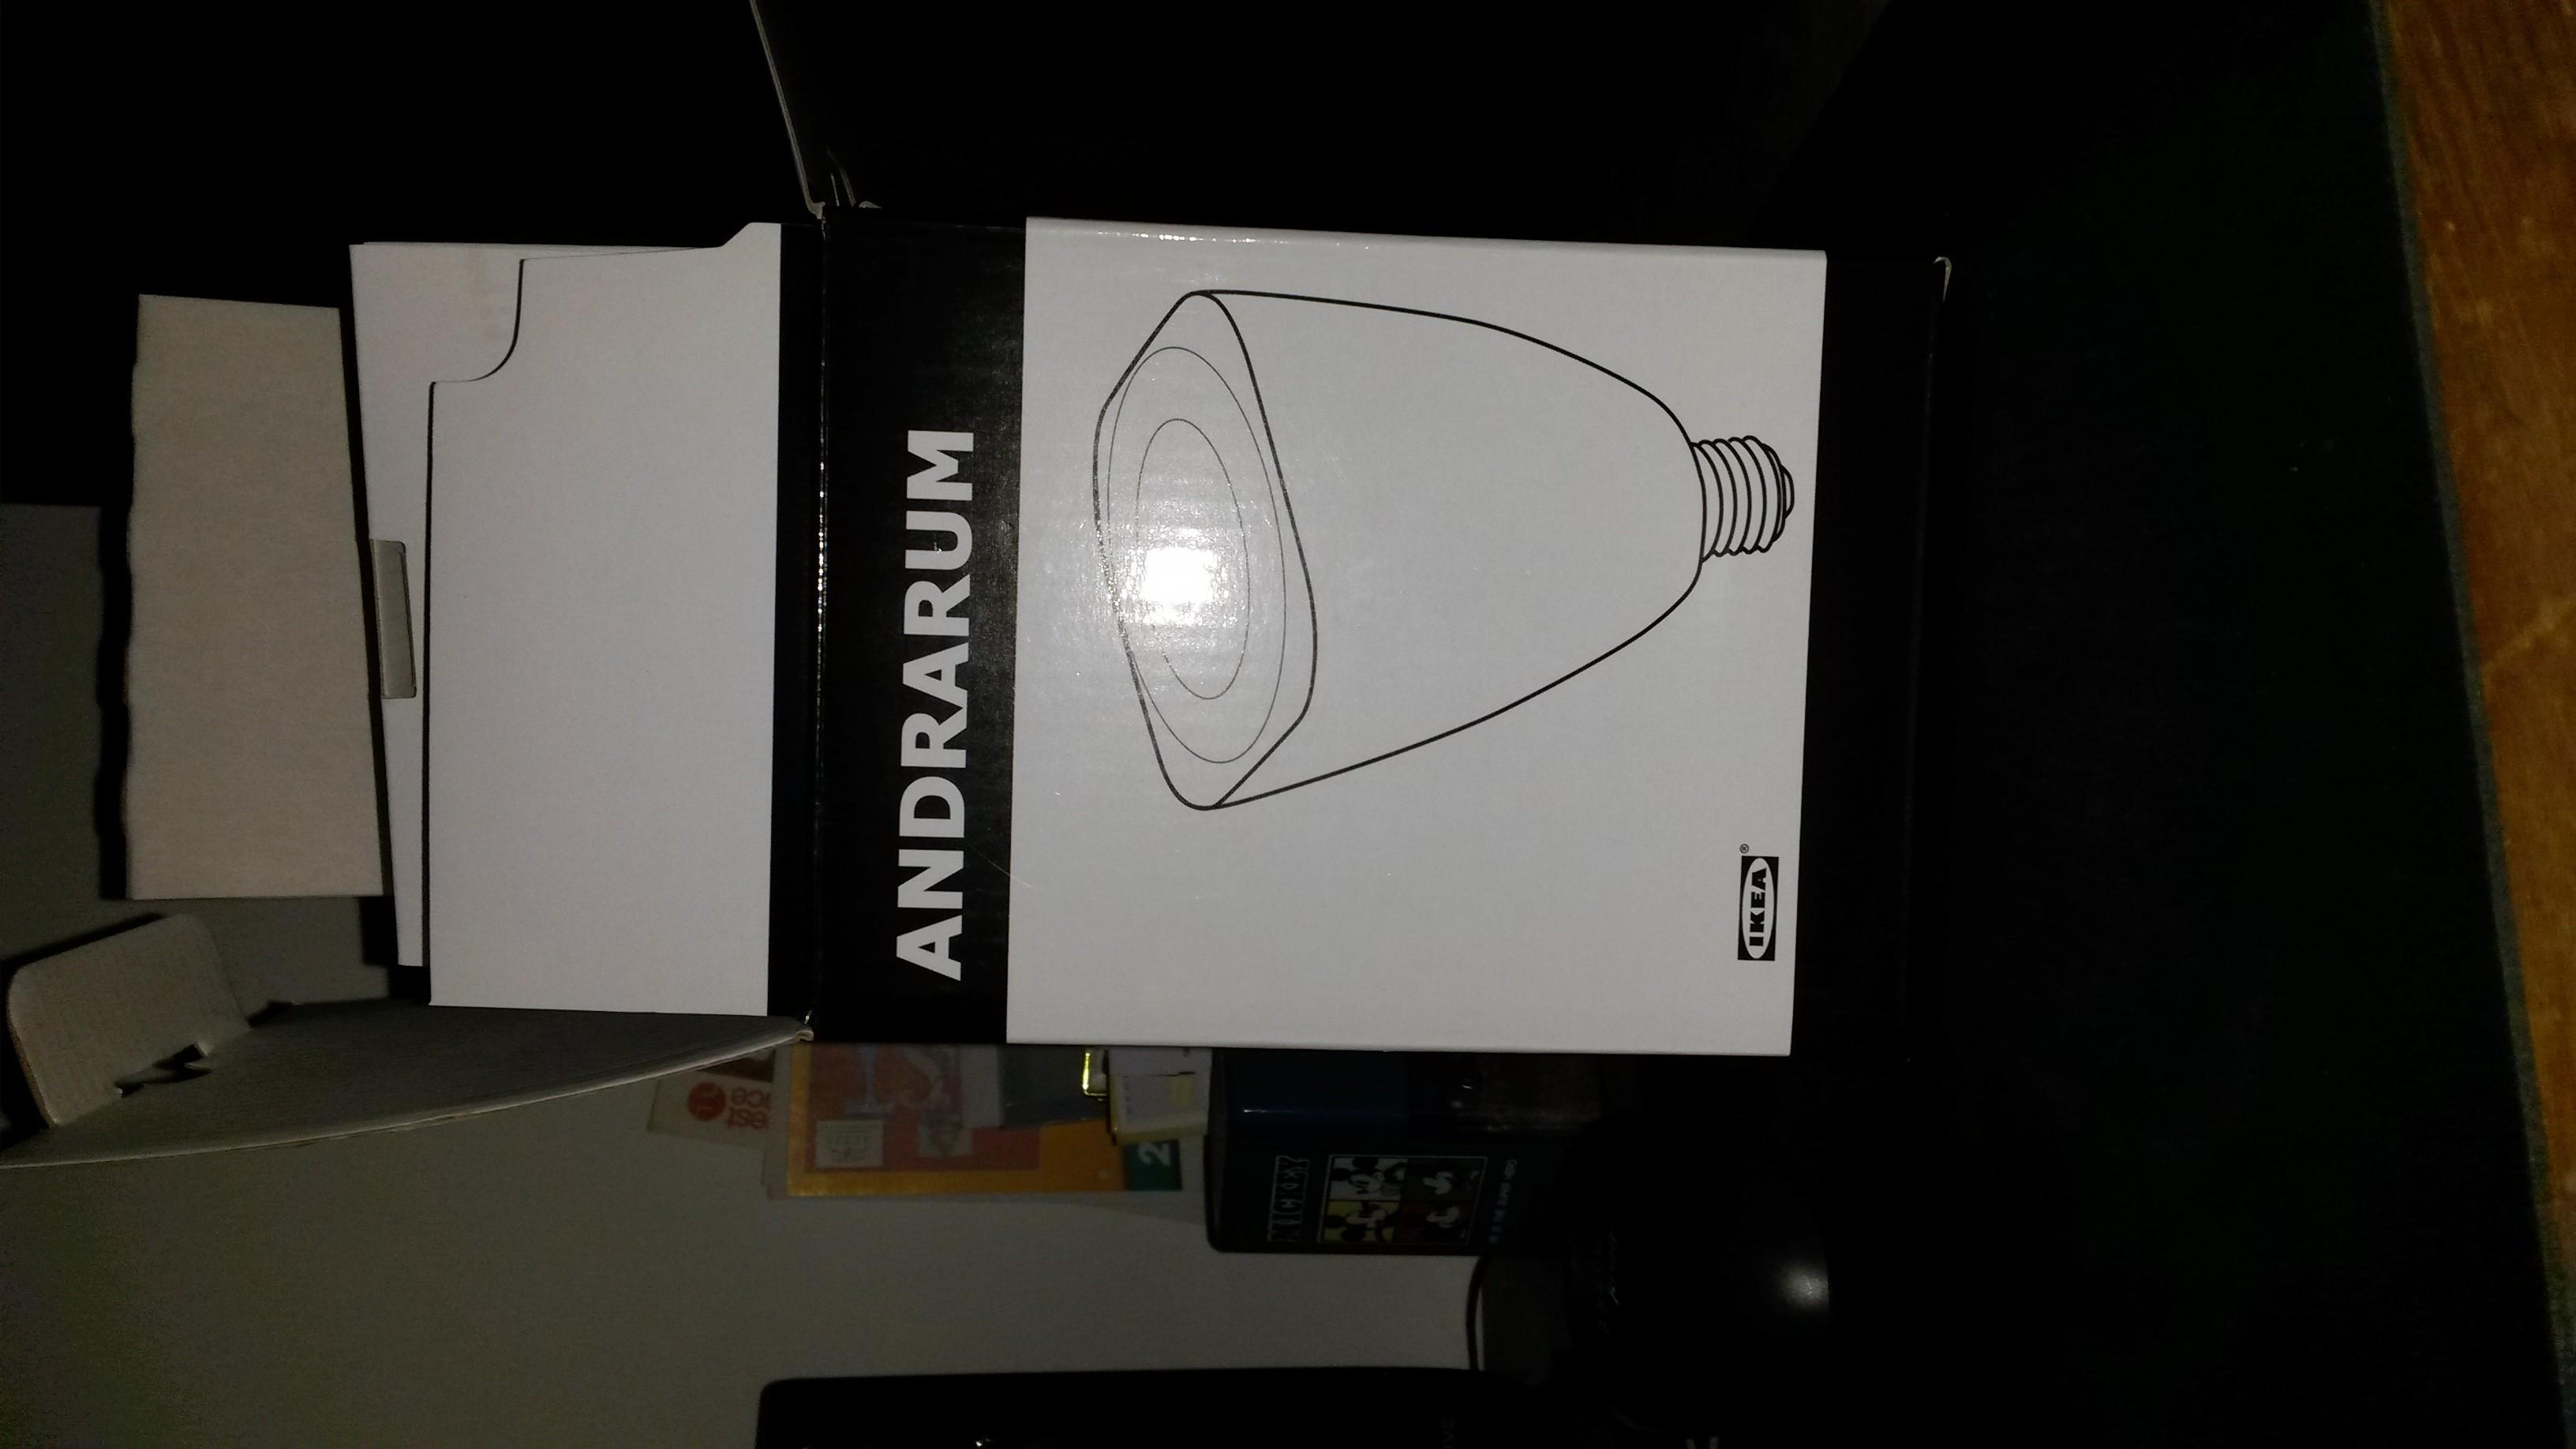 andrarum l 39 ampoule musicale abordable d 39 ikea notre maison rt2012 par trecobat. Black Bedroom Furniture Sets. Home Design Ideas